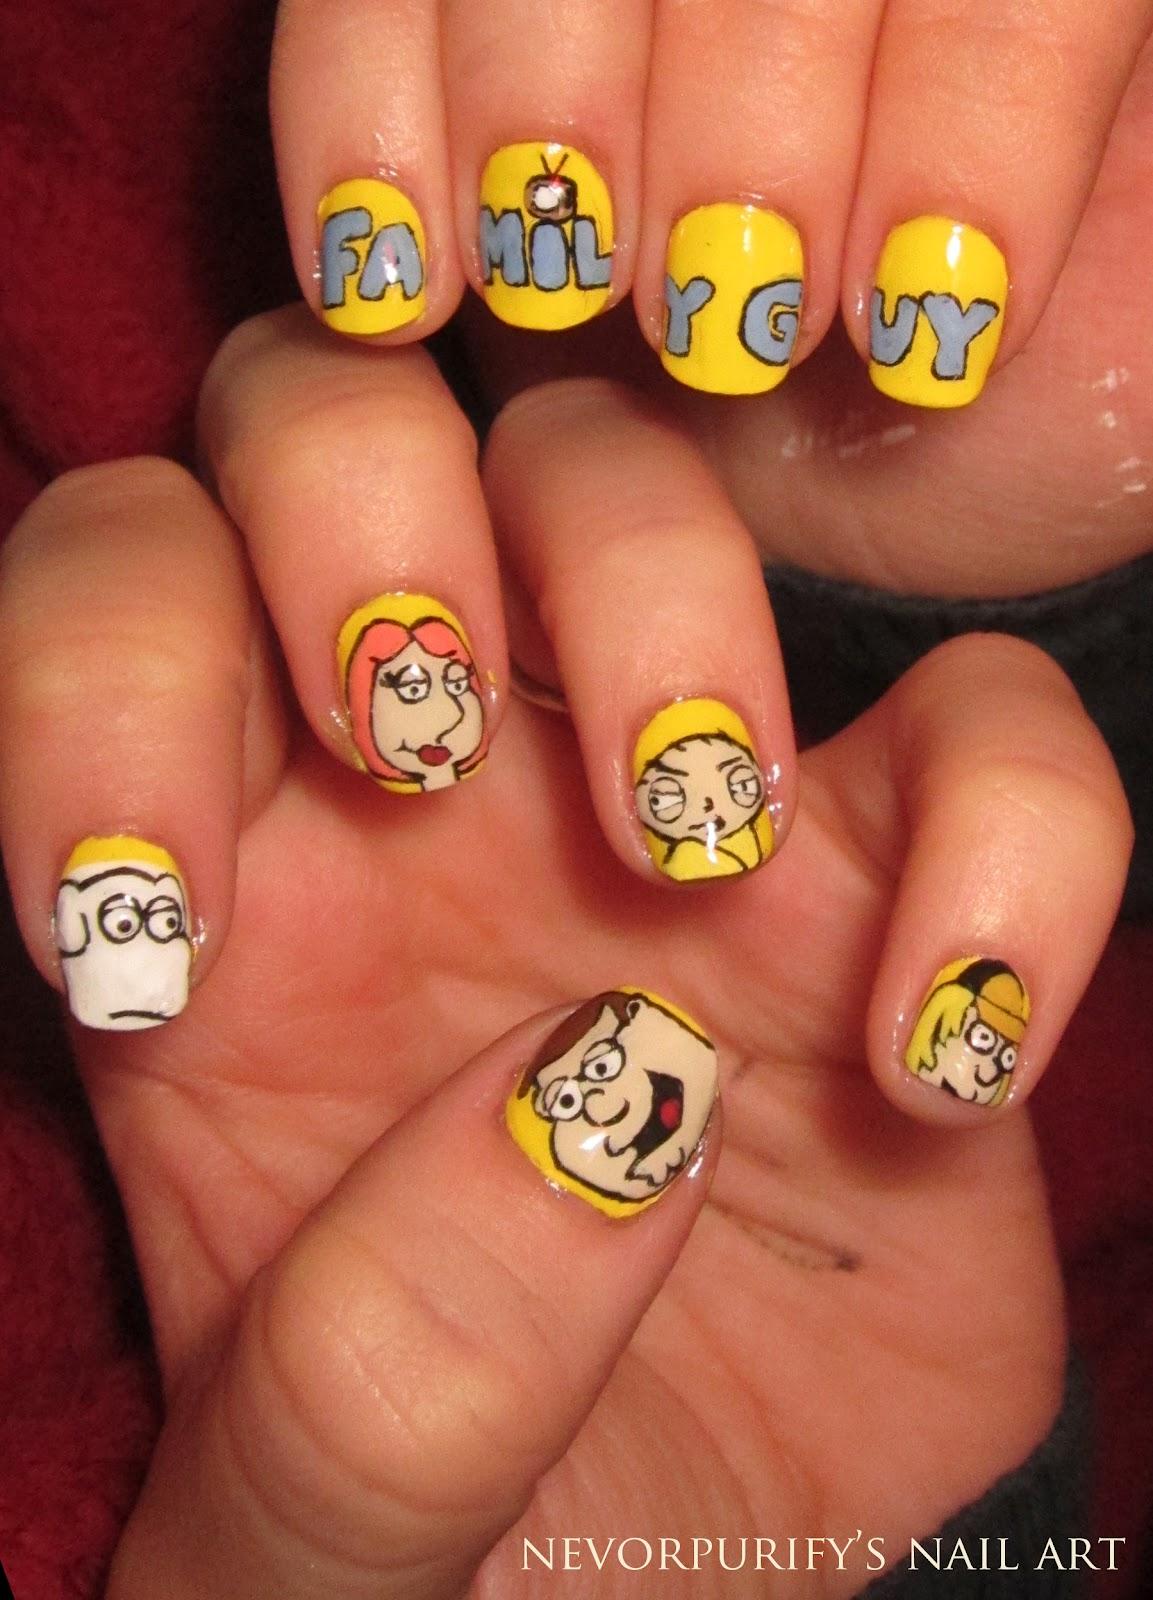 Family Guy Nails Art Decoration Unghie De Arte Nails Art Decoration